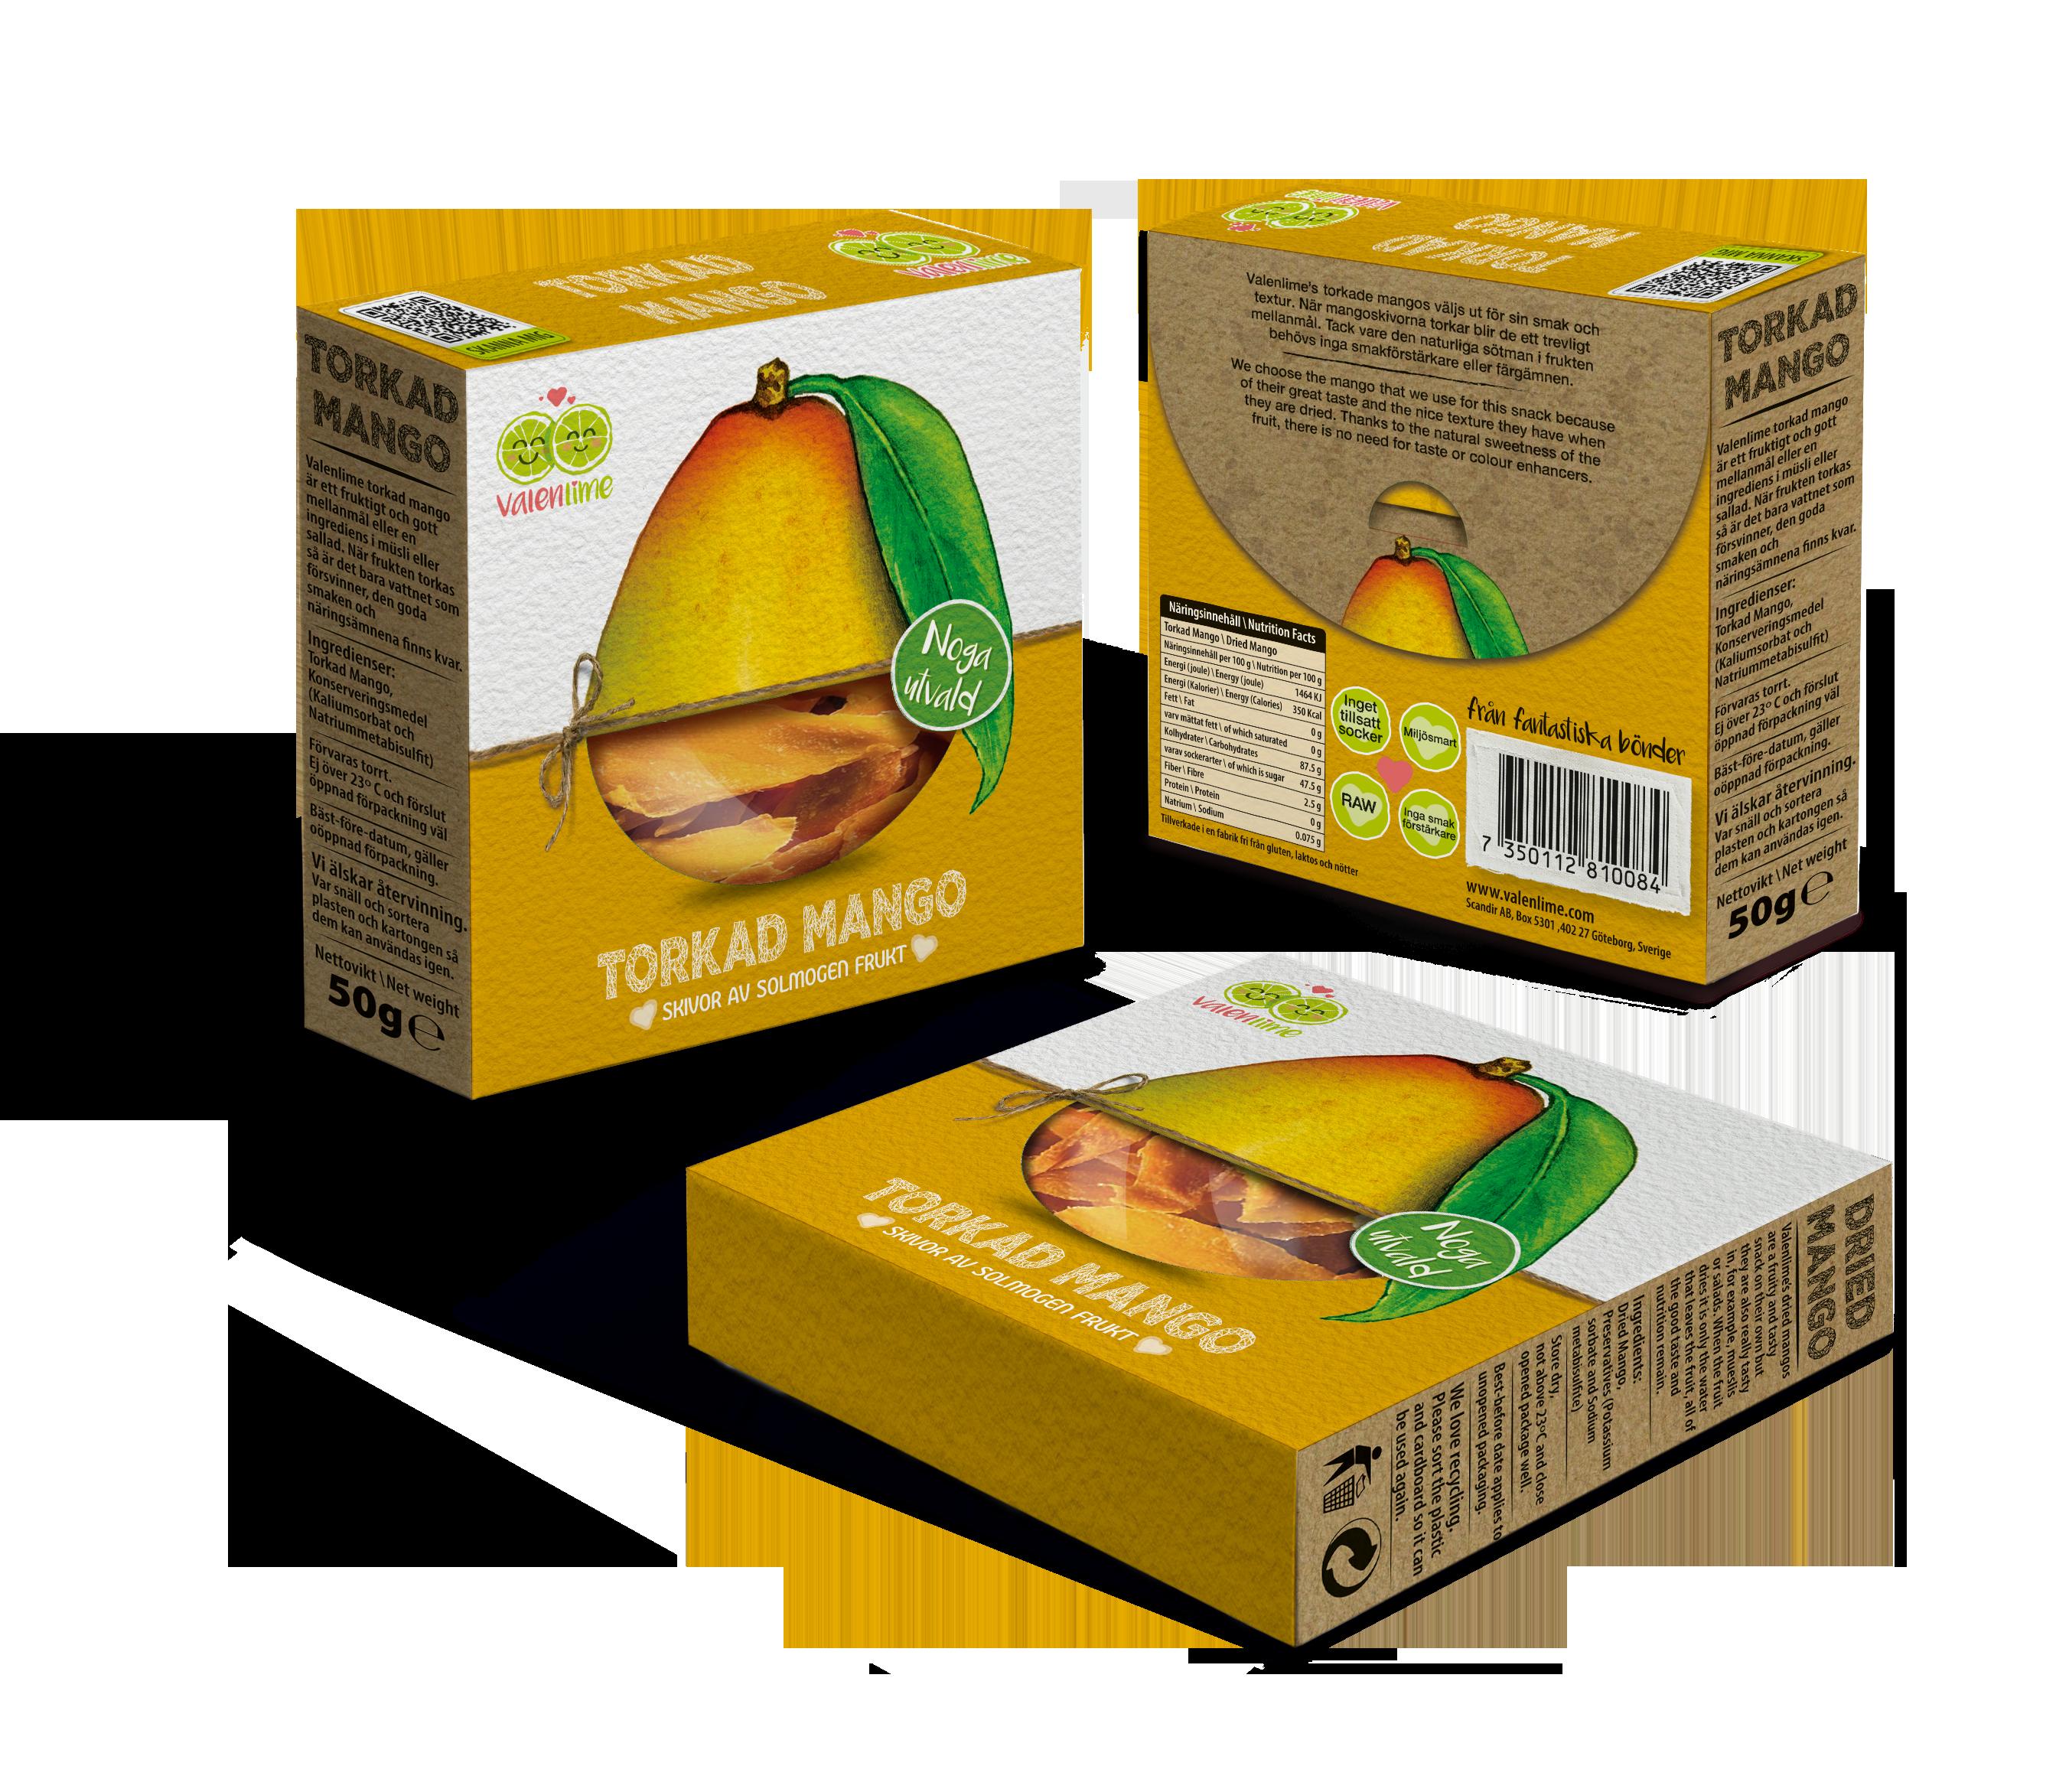 torkad mango näringsinnehåll